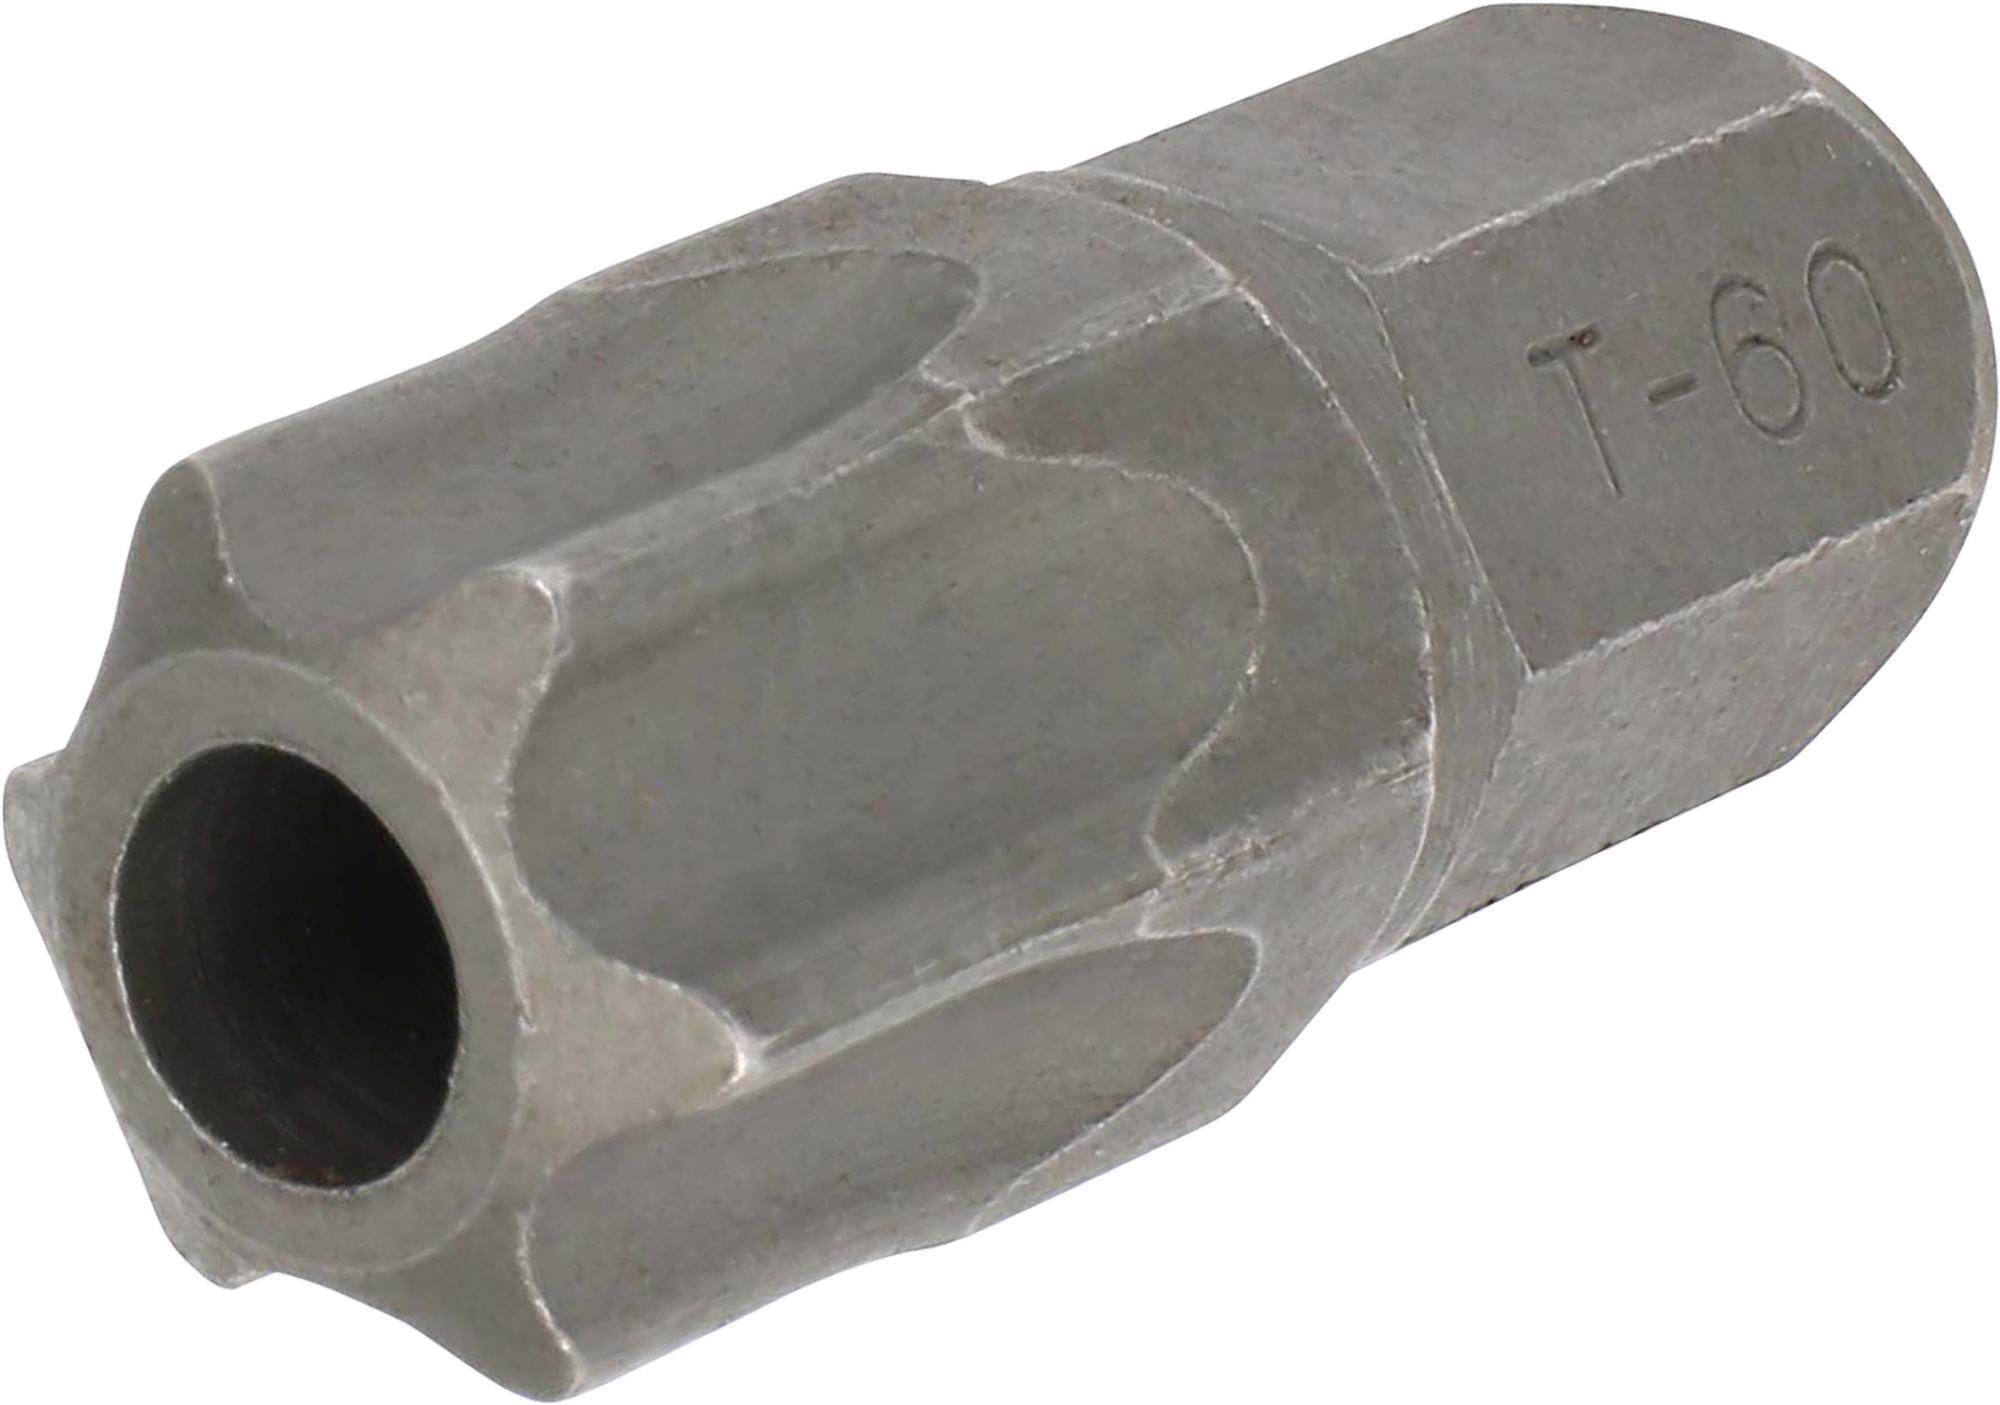 Bit, 10 mm 6-hran, TORX SLB T60x30 mm